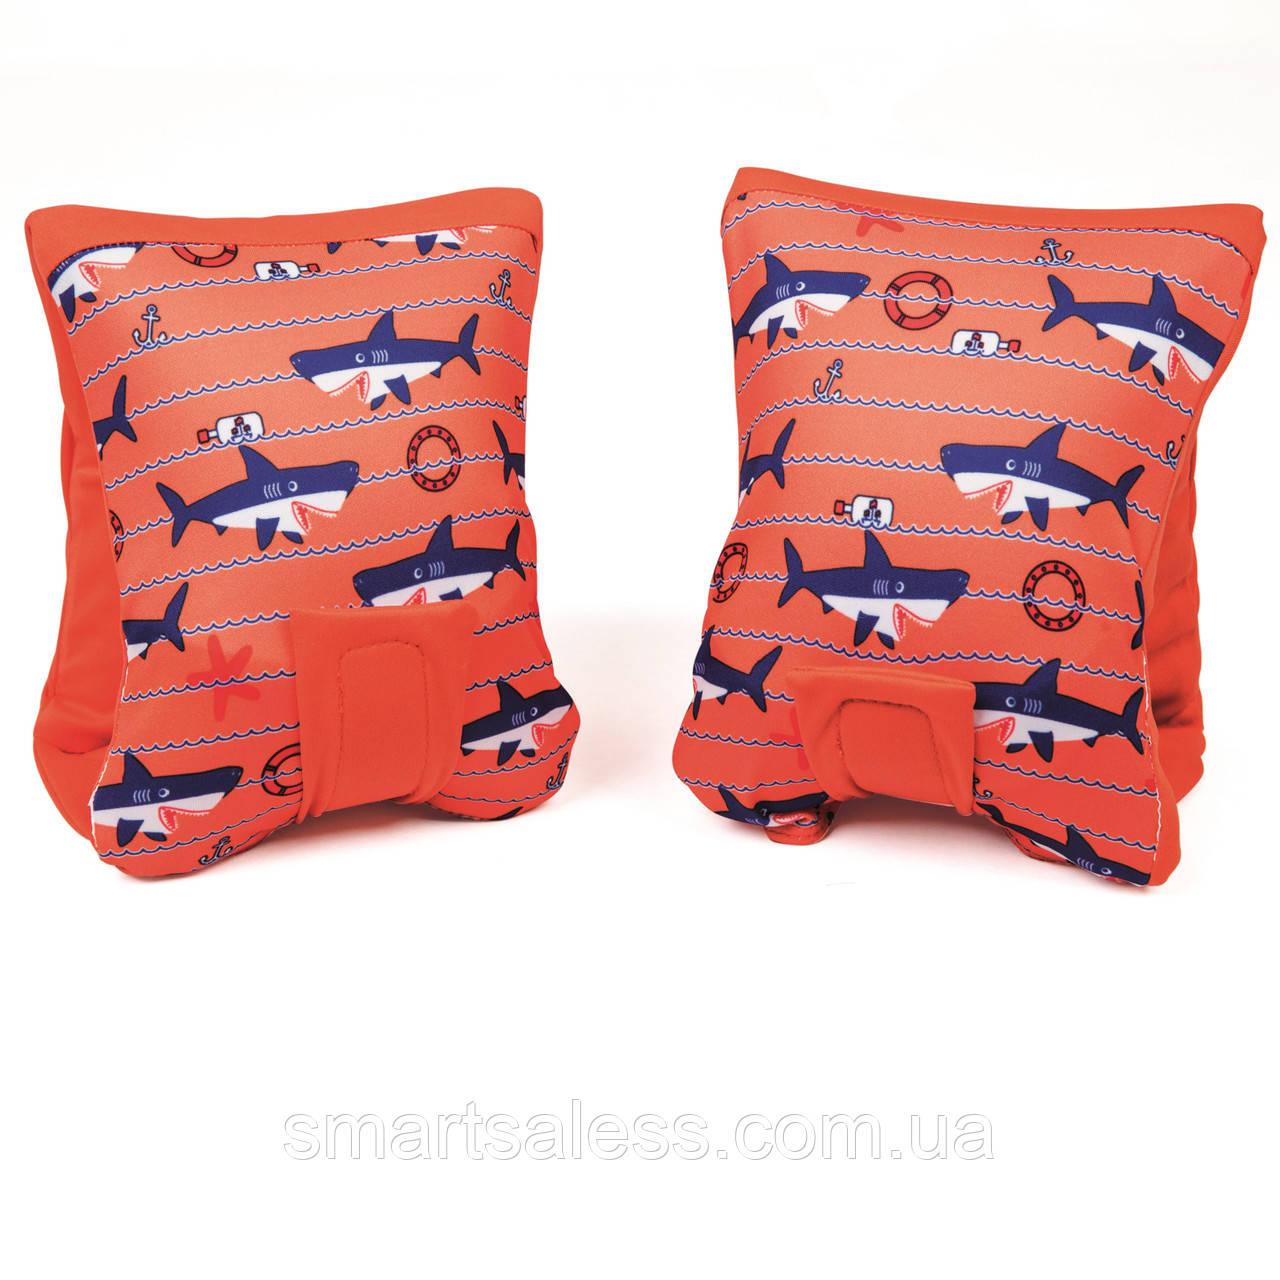 Нарукавники для плавання Bestway 32183, «Акула», 38 х 16.5 см, помаранчеві